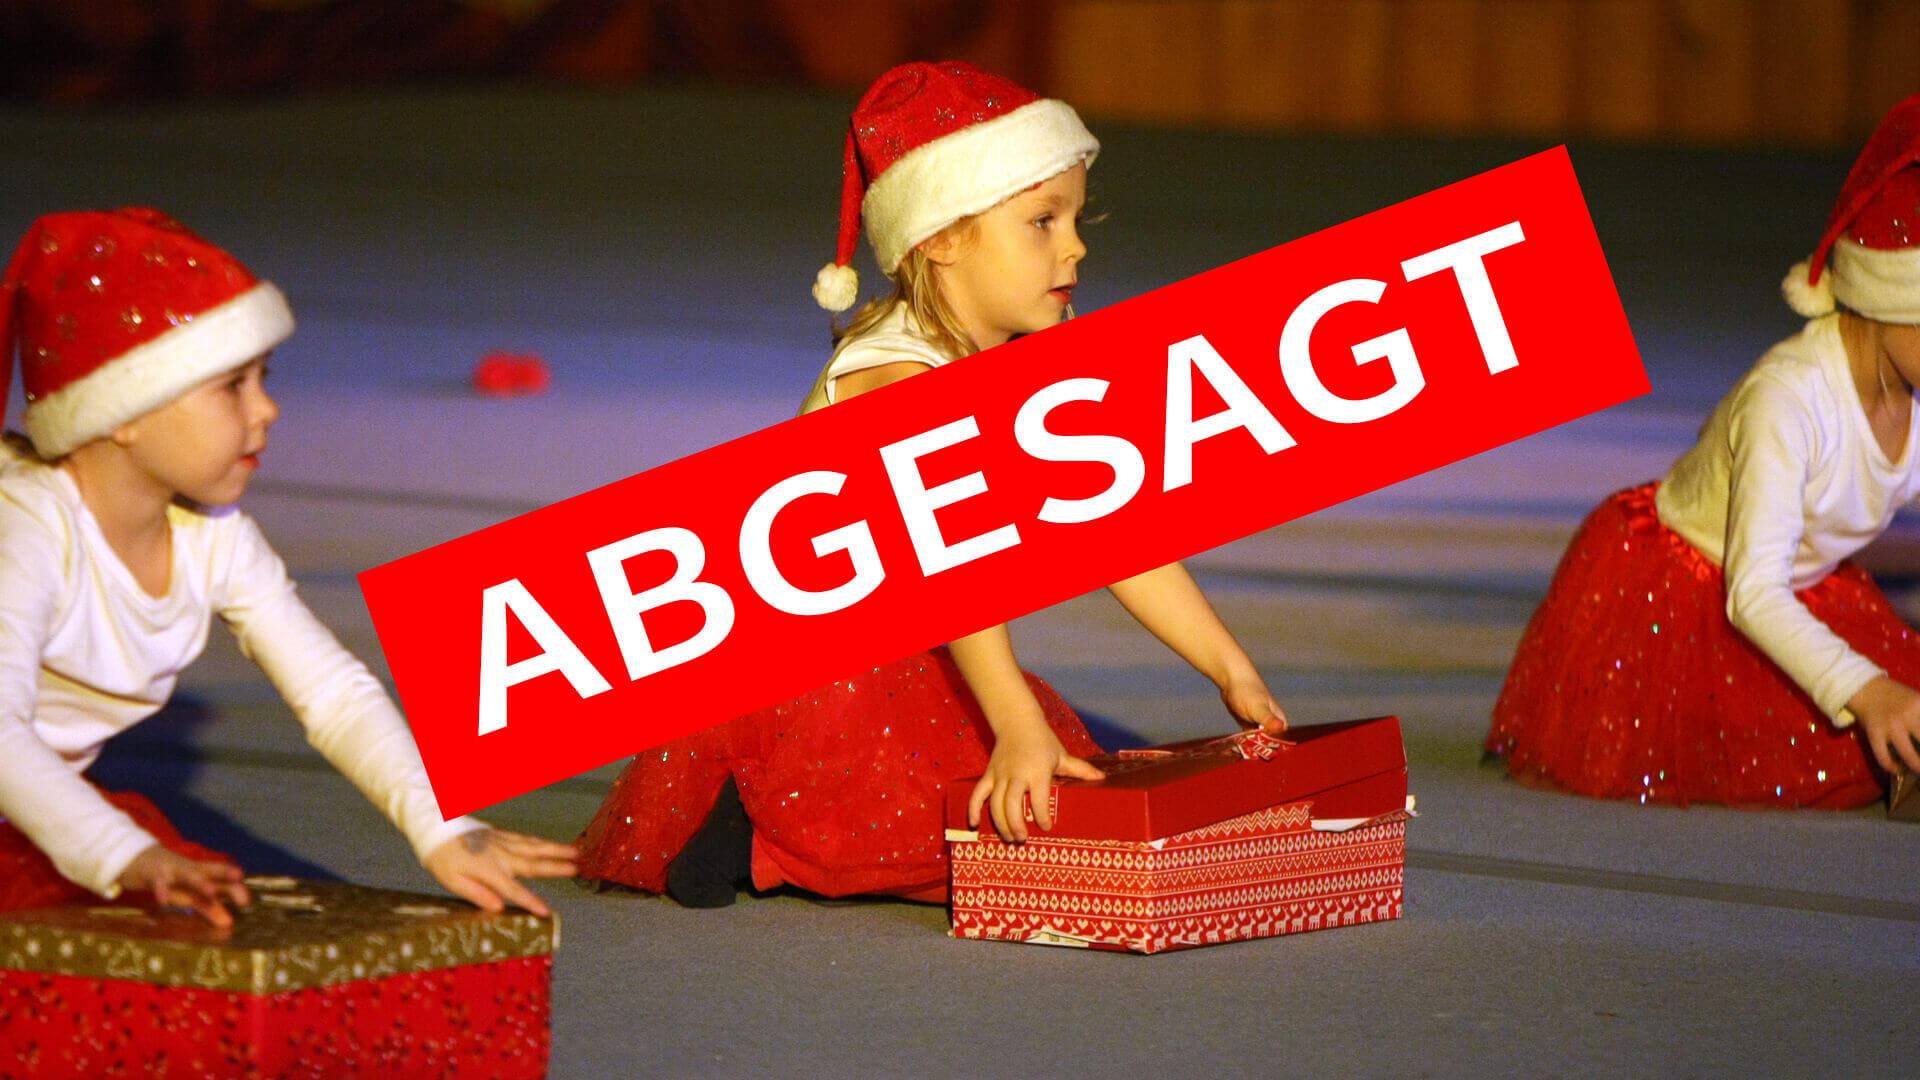 Weihnachtsschauturnen abgesagt